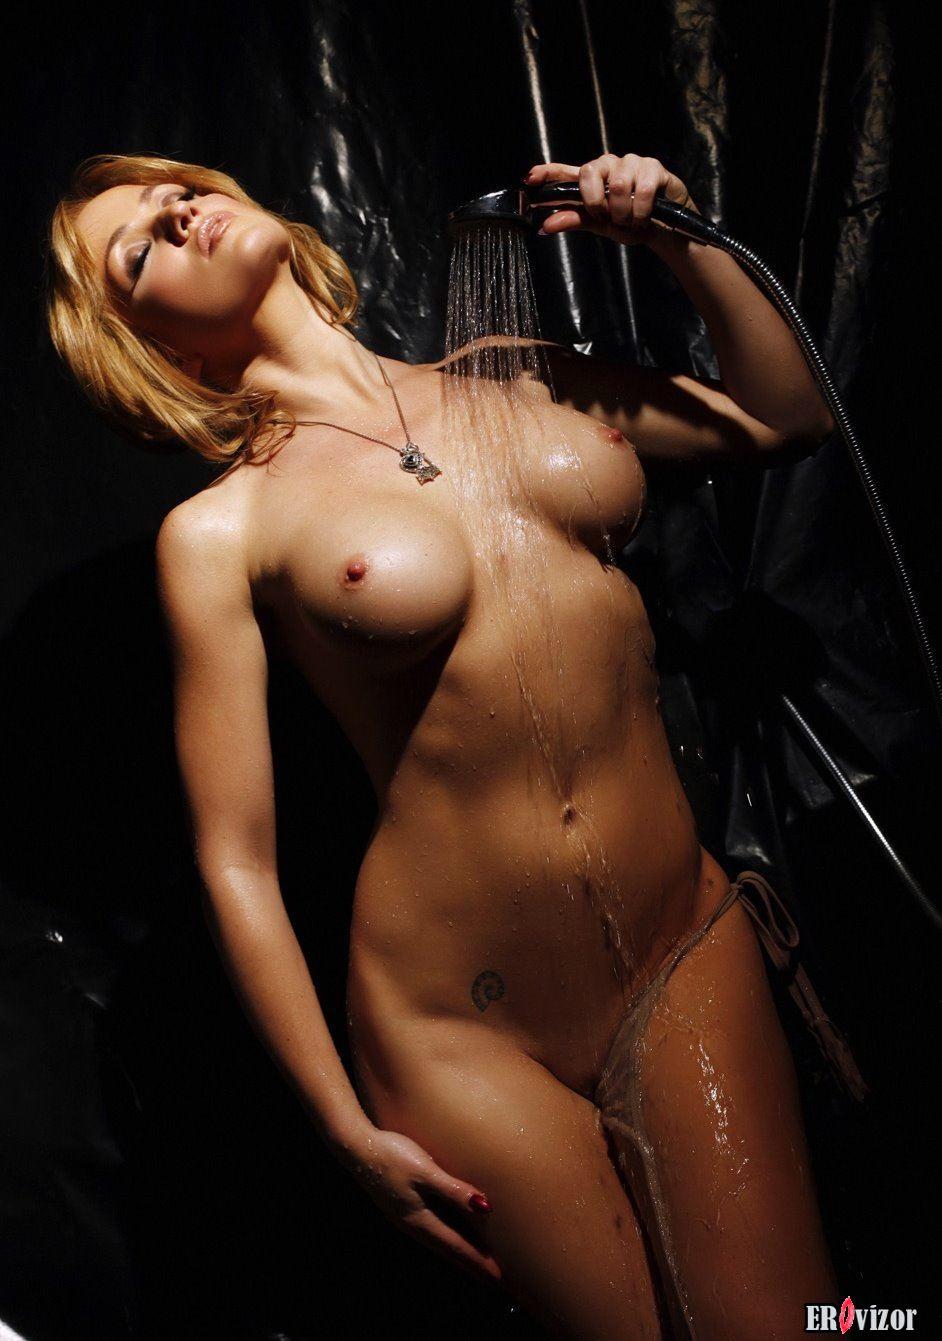 эротические фото, красивые девушки 15